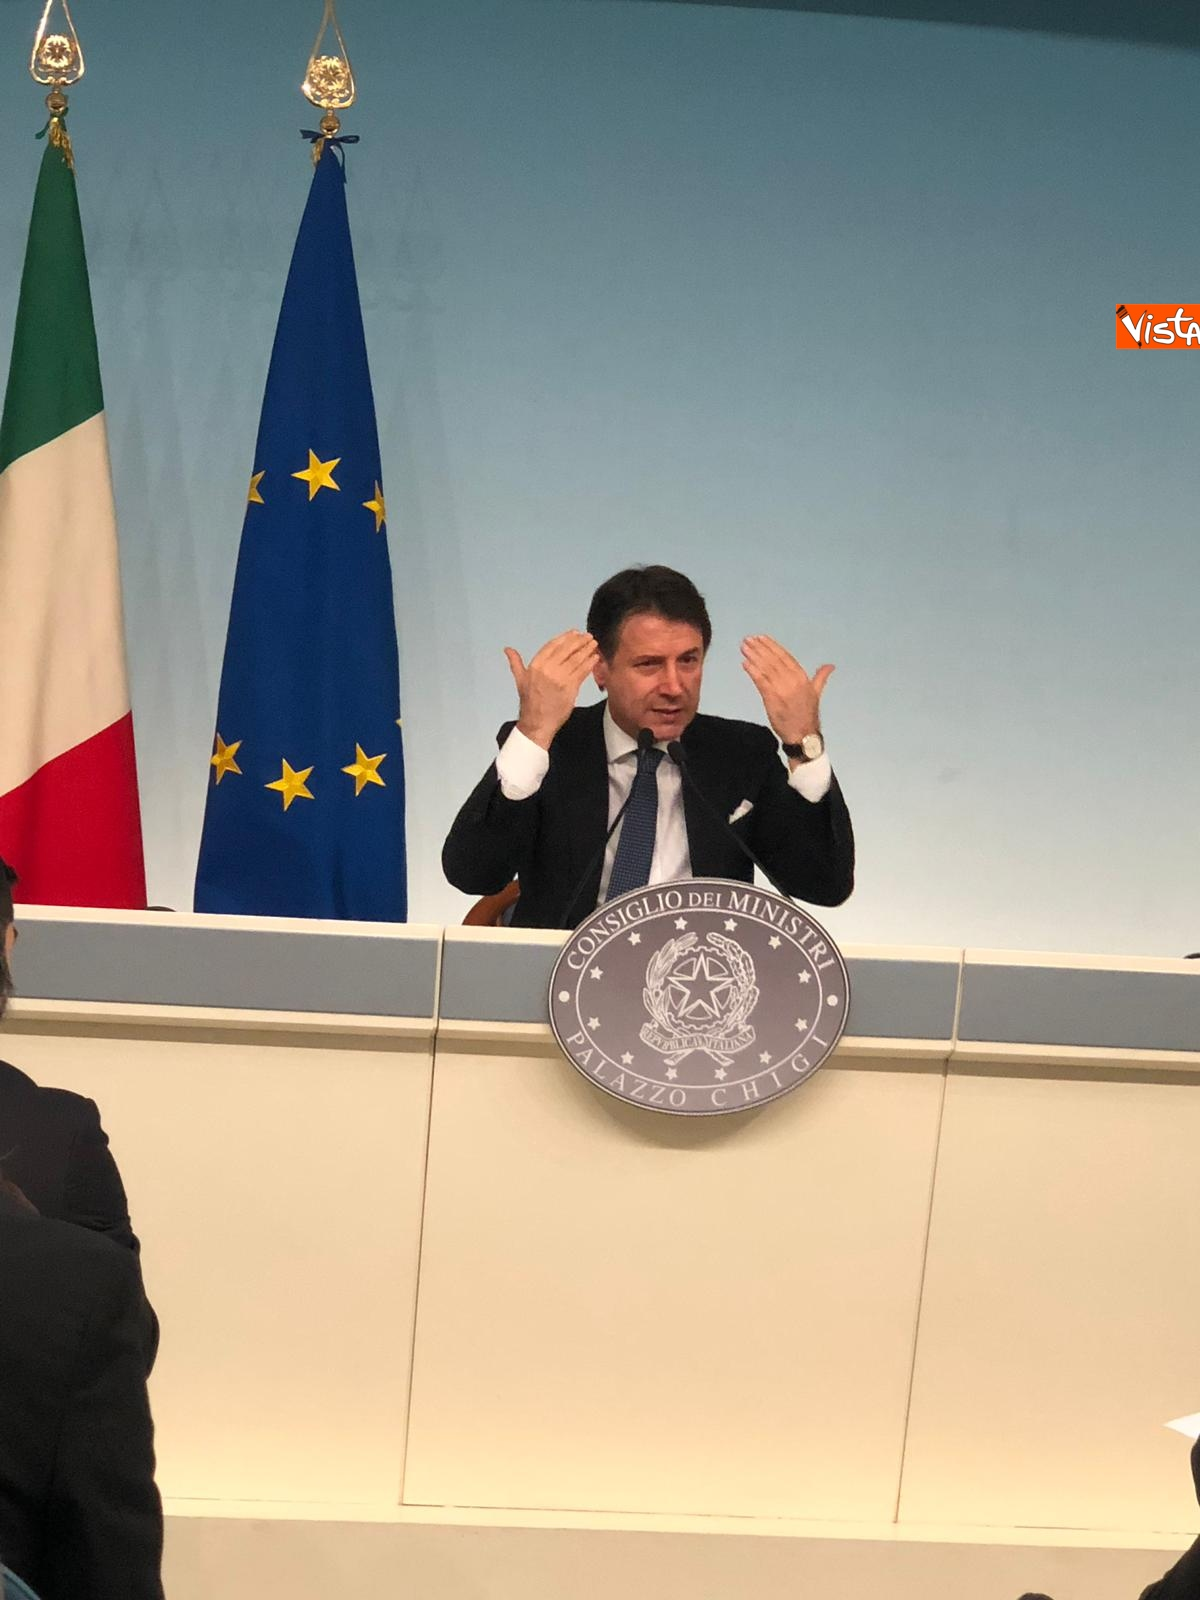 07-03-19 Tav Conte in conferenza stampa a Palazzo Chigi immagini_09